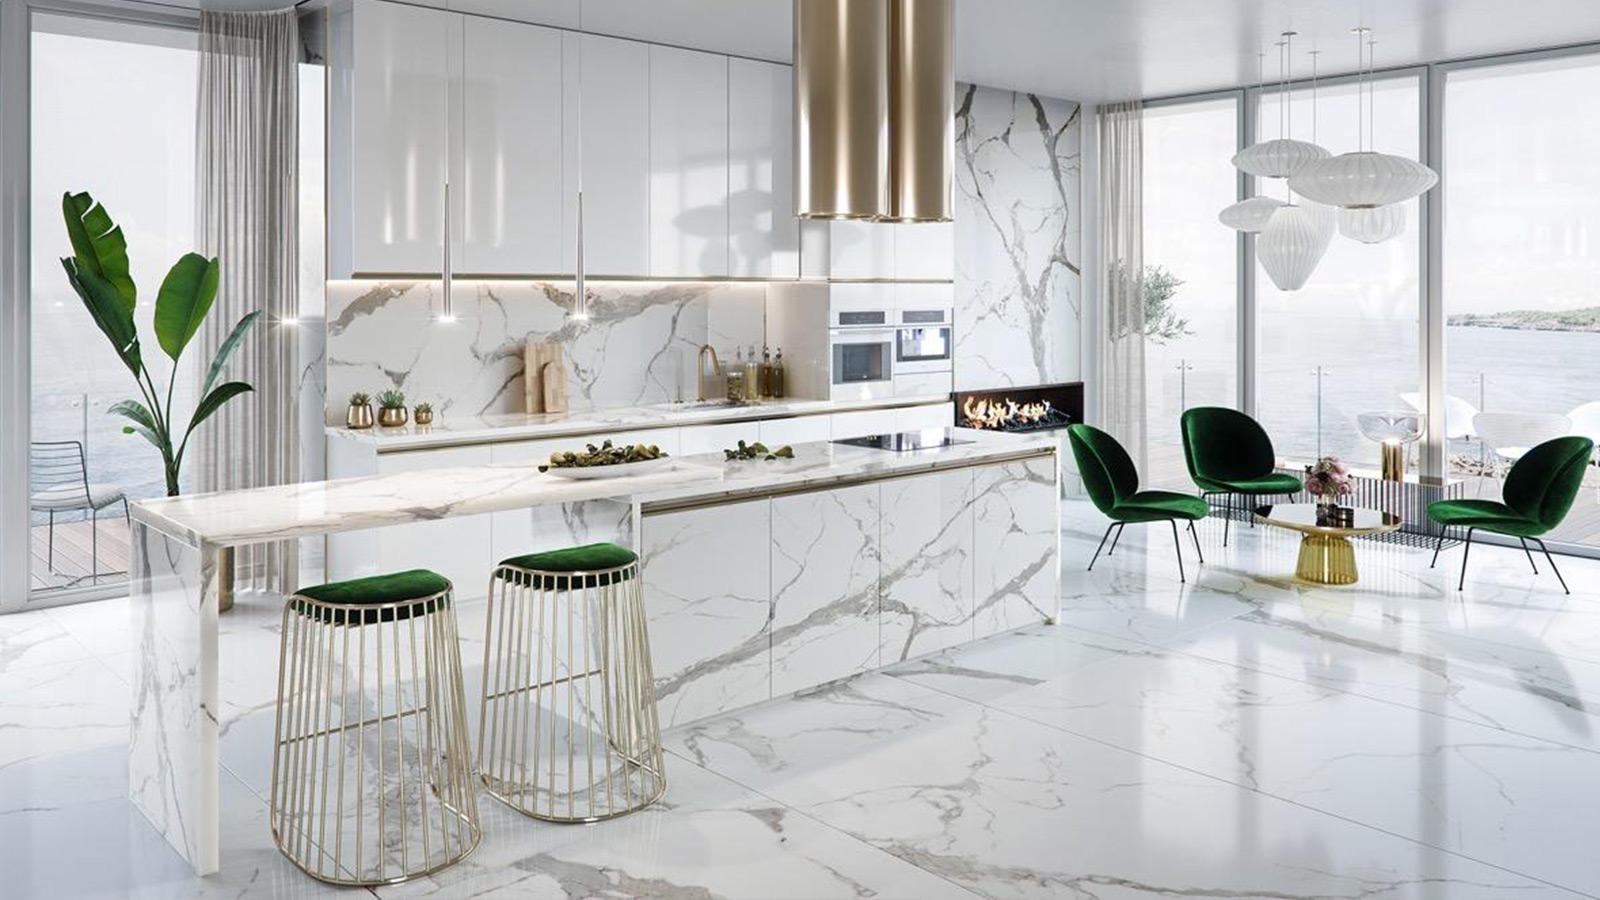 15 Mẫu thiết kế phòng bếp đẹp được ưa chuộng nhất 2019 - FeelDecor